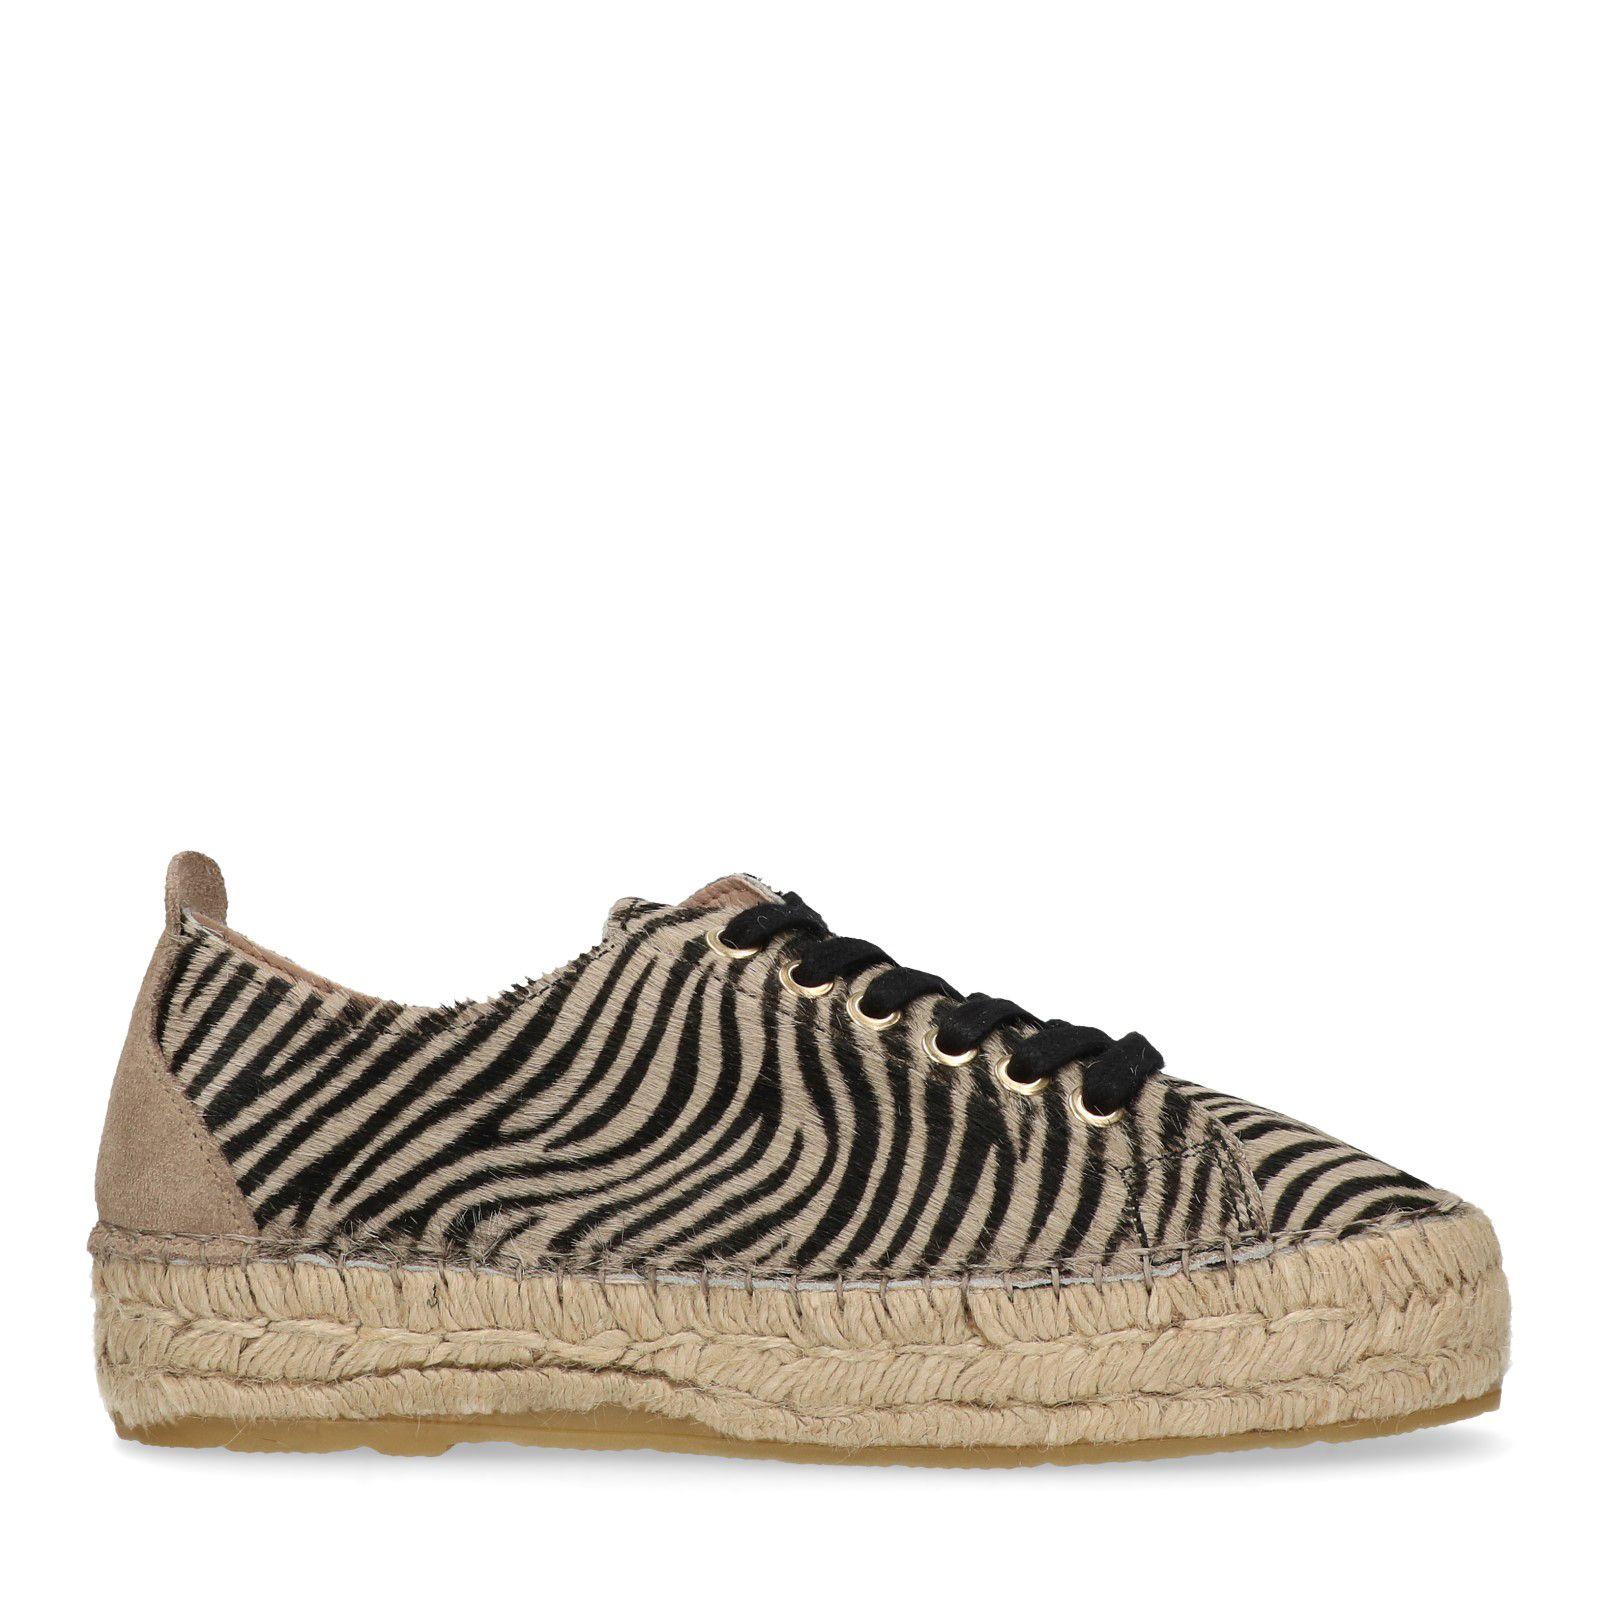 Manfield Sneaker Grau Herren Schuhe Grosse 44